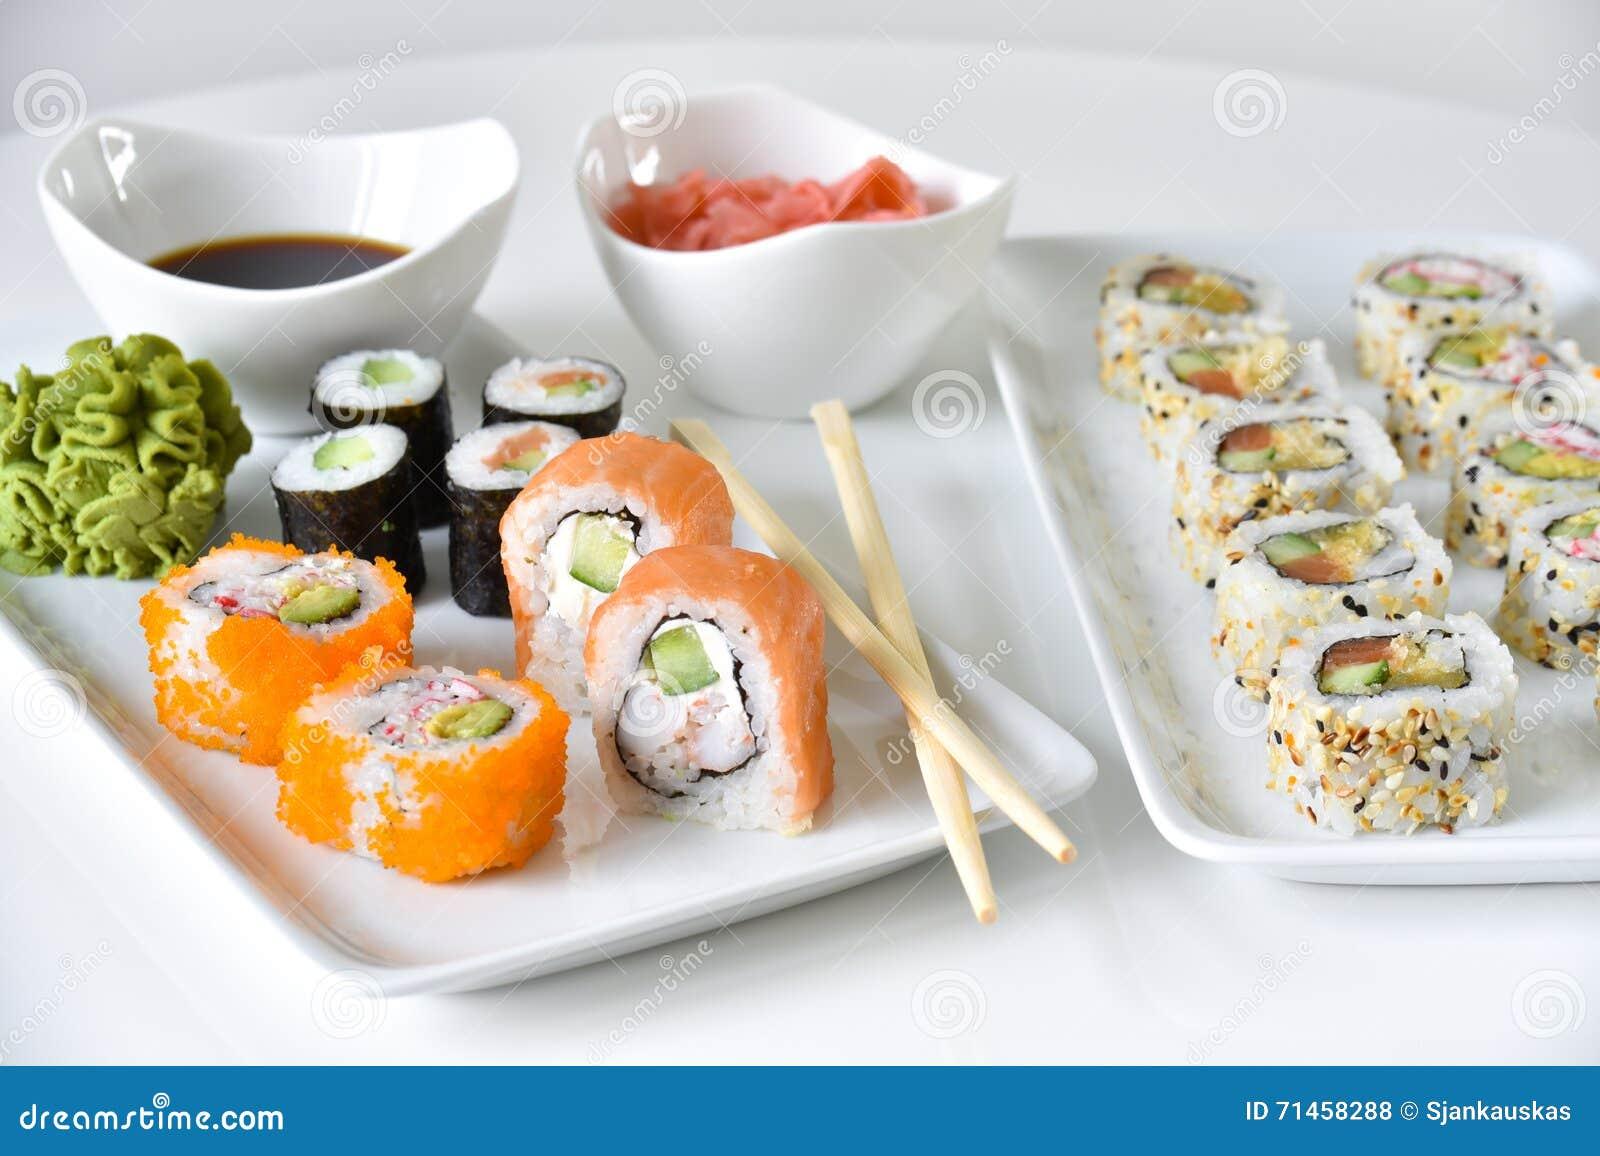 Sushi rolls dinner setting